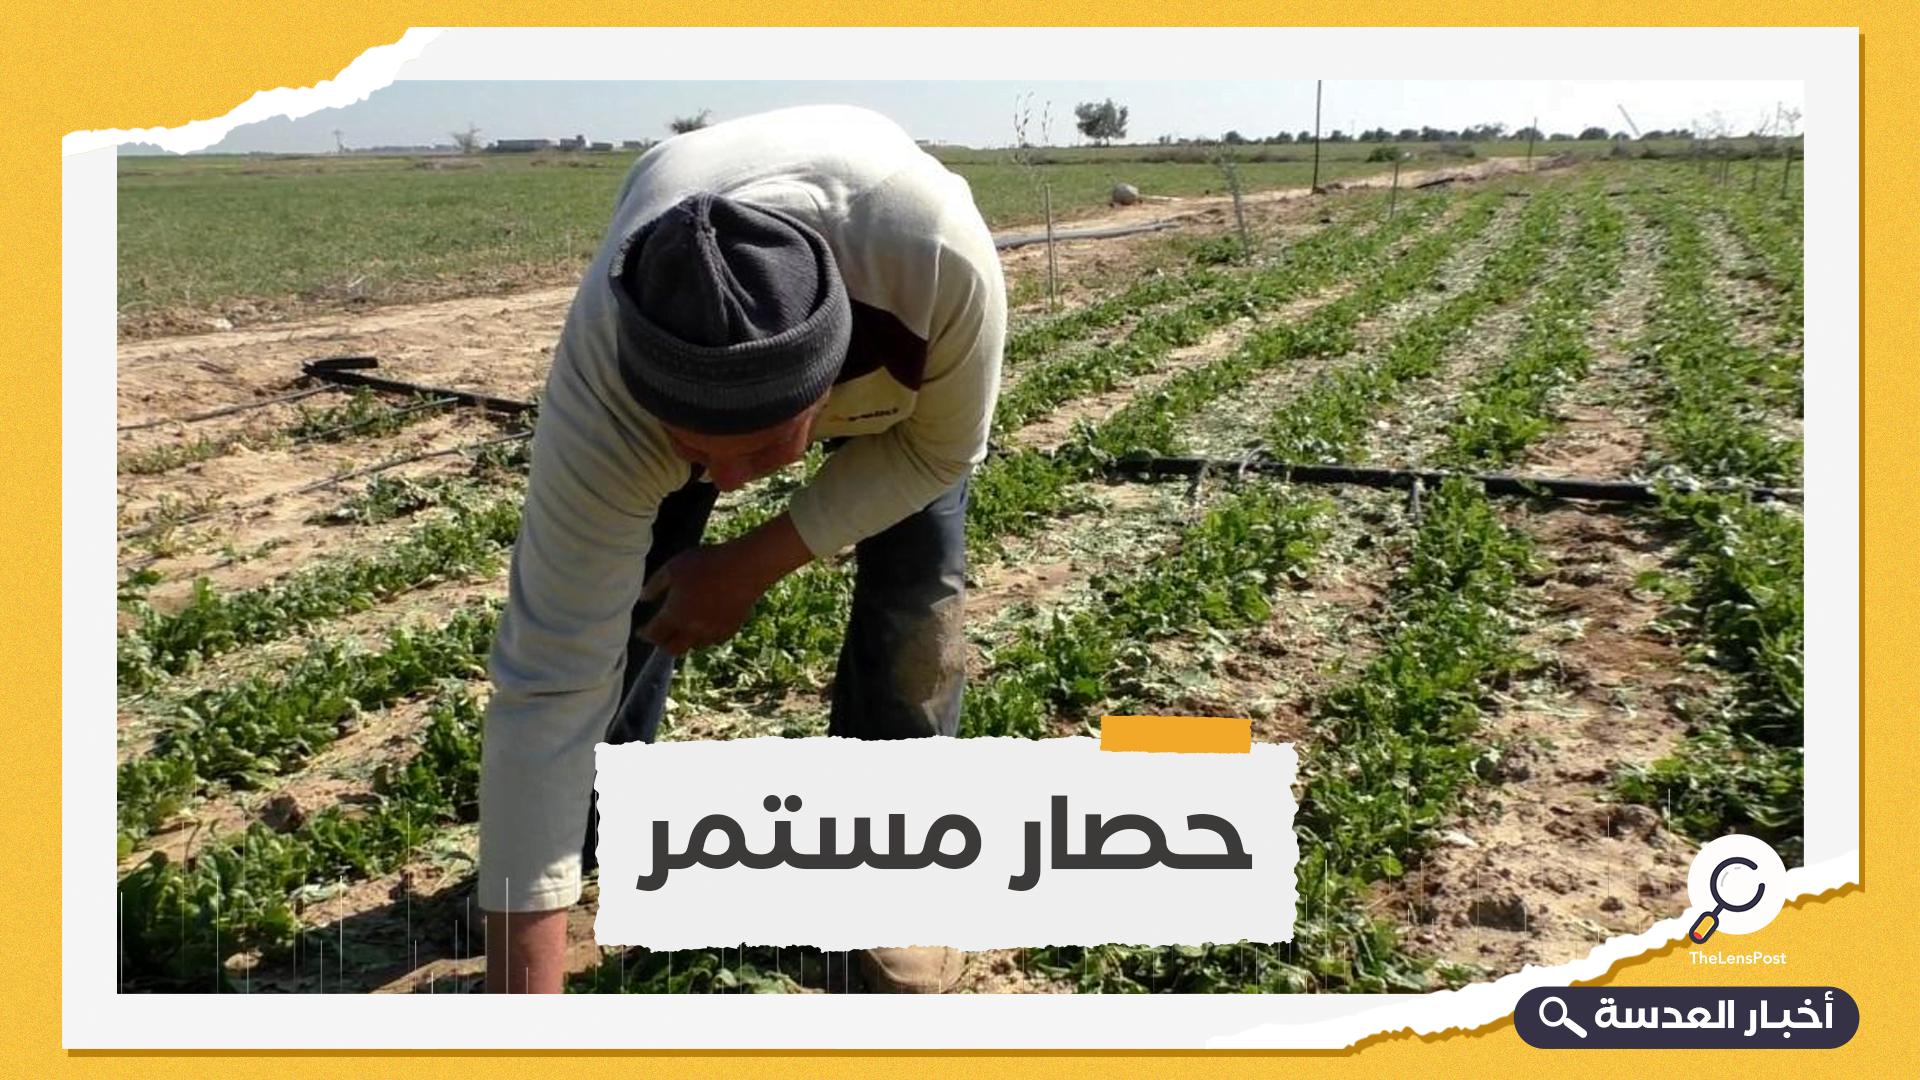 الاحتلال الصهيوني يكبد مزارعي غزة خسائر فادحة بإتلاف محاصيلهم الزراعية ( حصار مستمر )